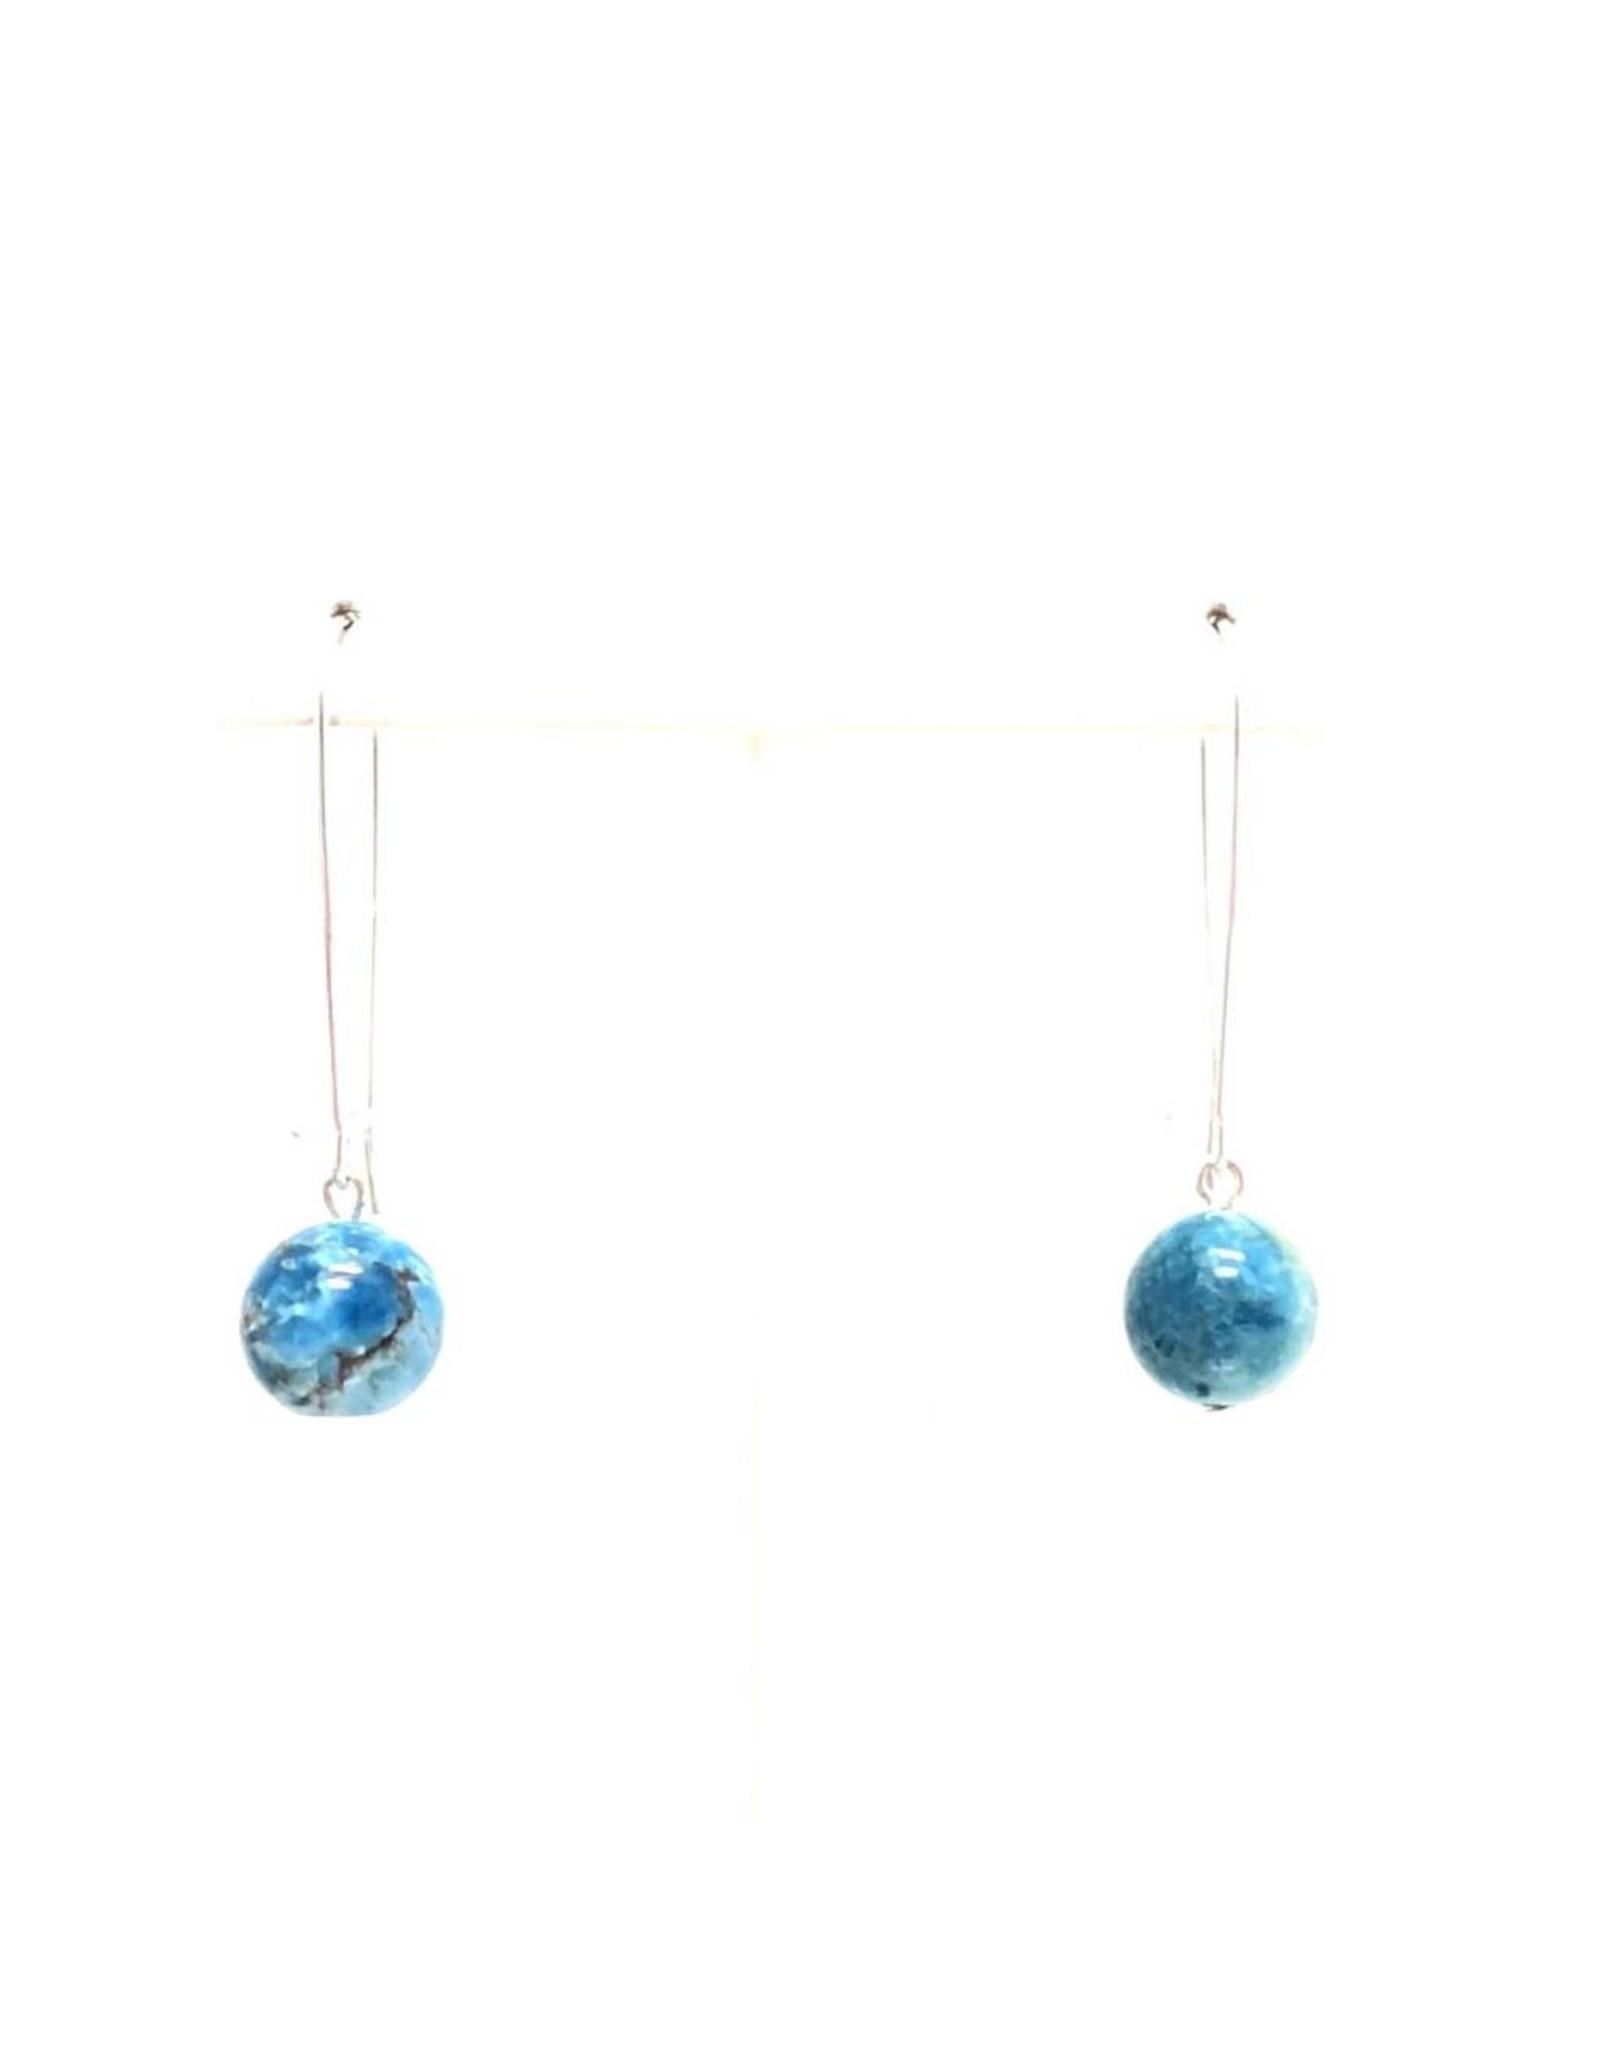 Apatite Kidney Wire Earrings